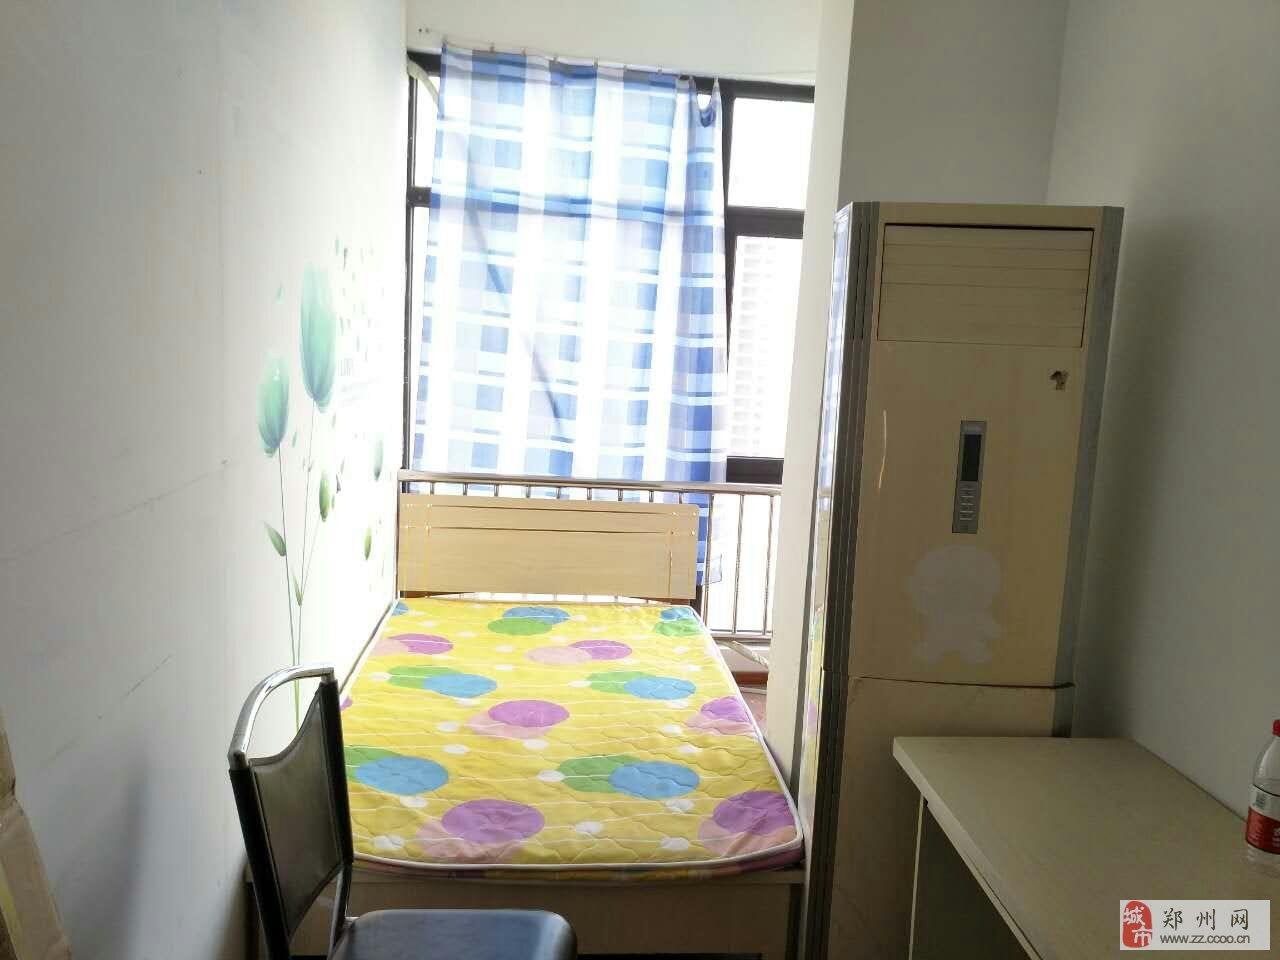 东明路商城路空调沙发客厅洗衣机热水器